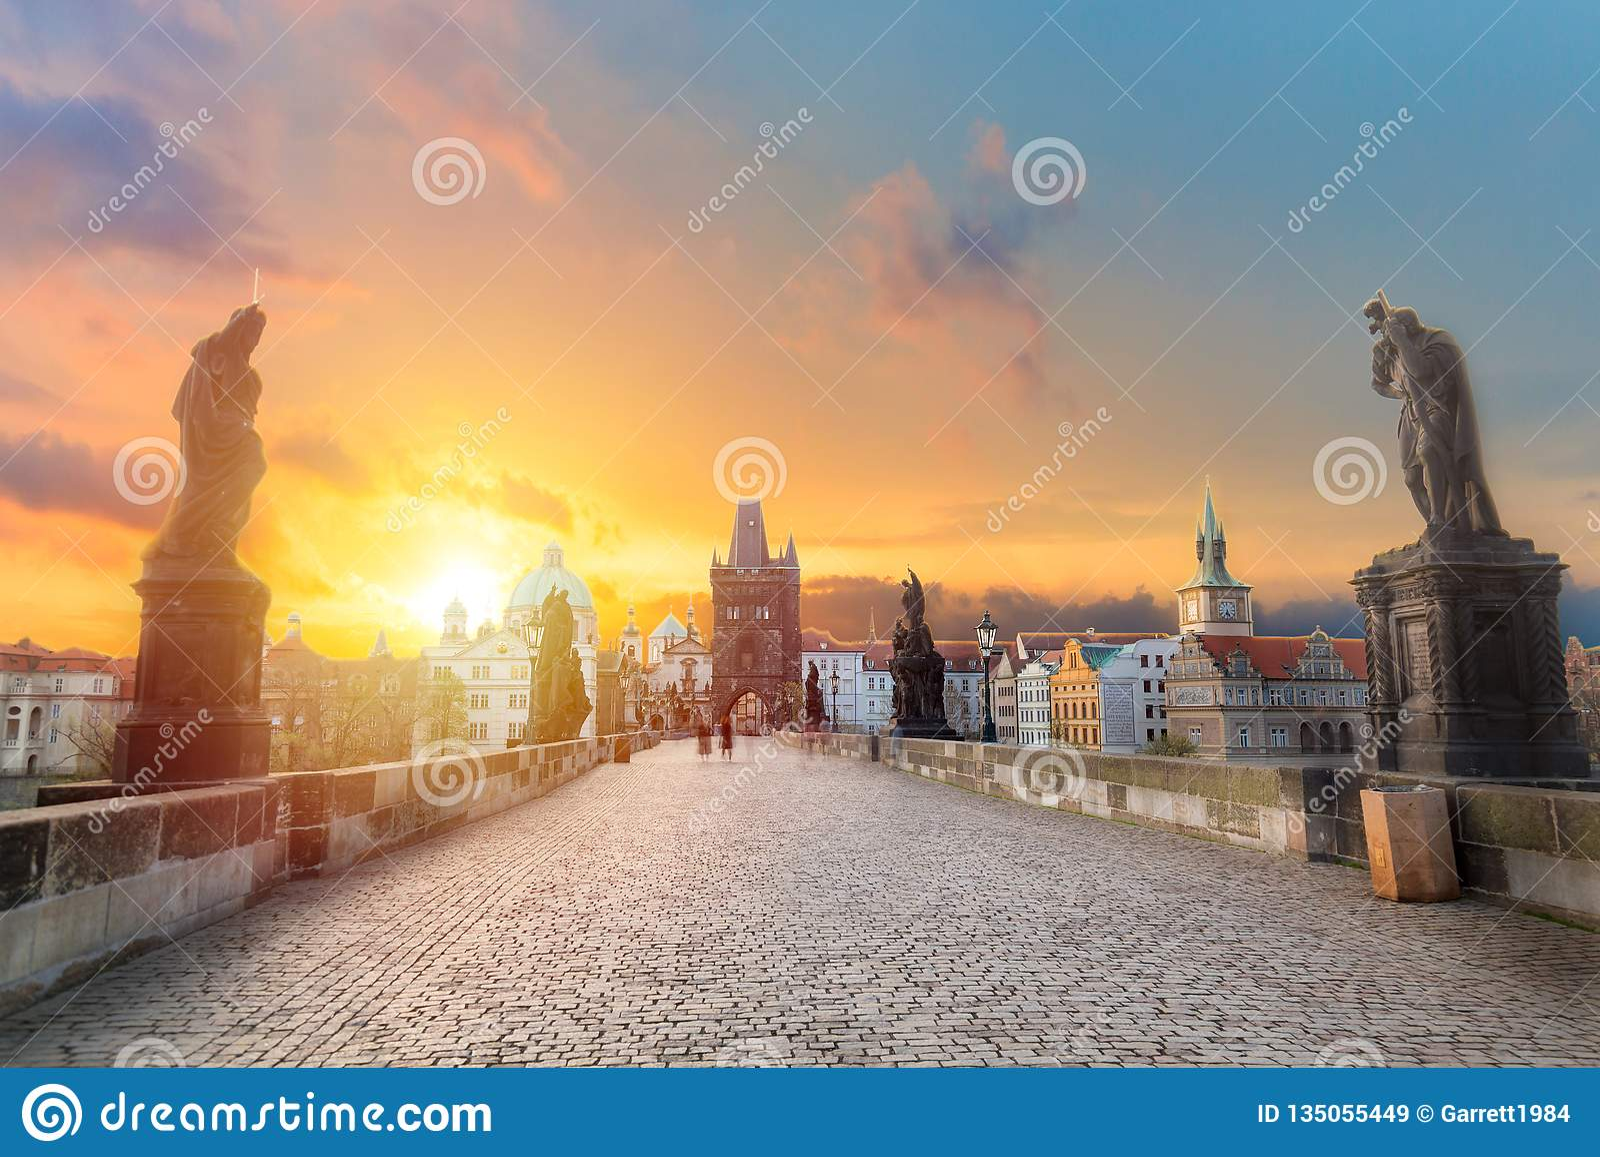 Charles Bridge Karluv Most e torre di Città Vecchia ad alba di stupore con il cielo e le nuvole a Praga, repubblica Ceca